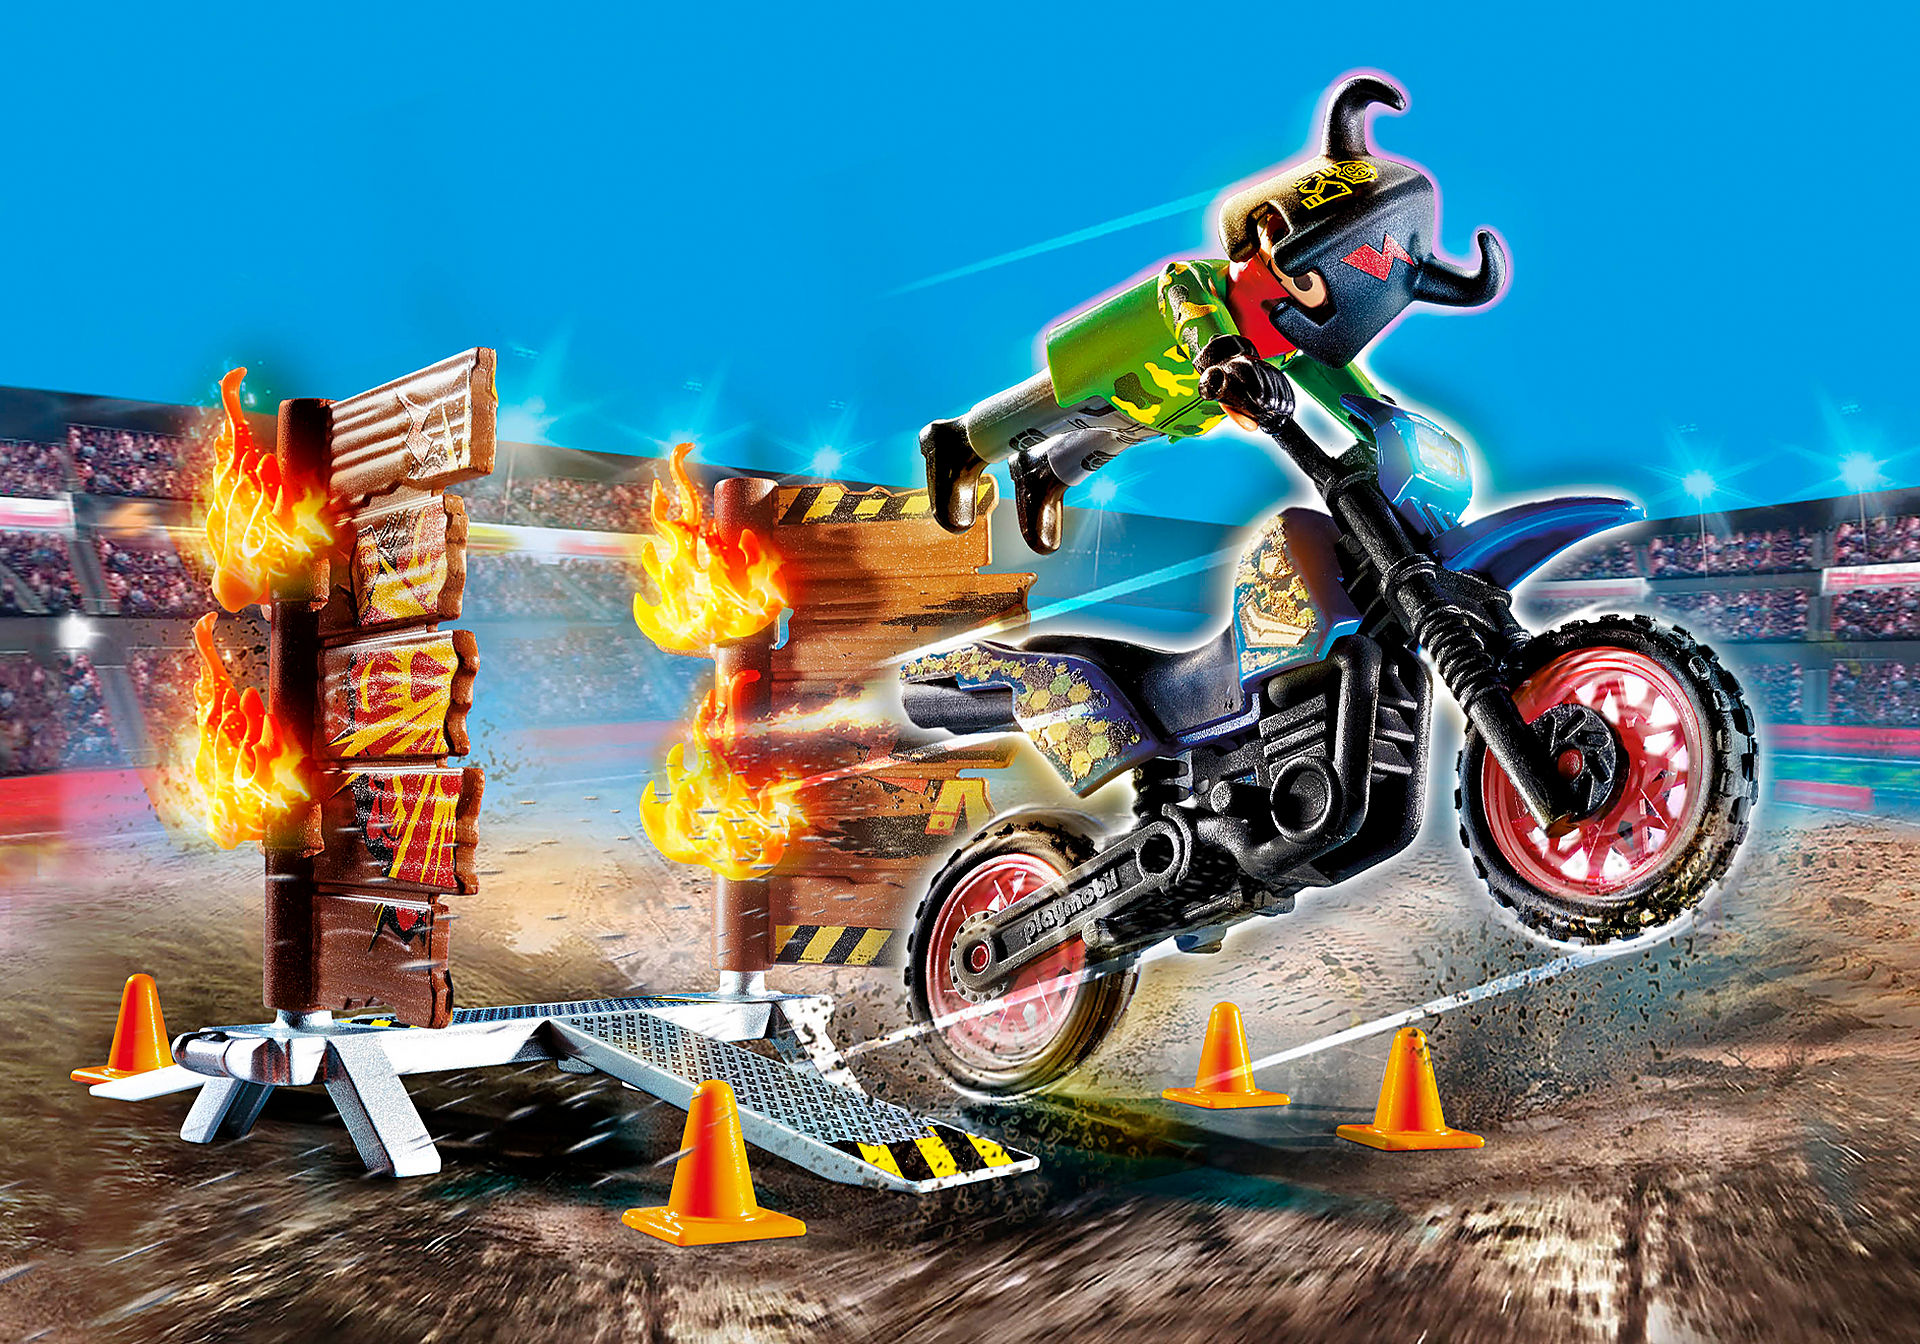 70553 Stuntshow Moto con muro de fuego zoom image1